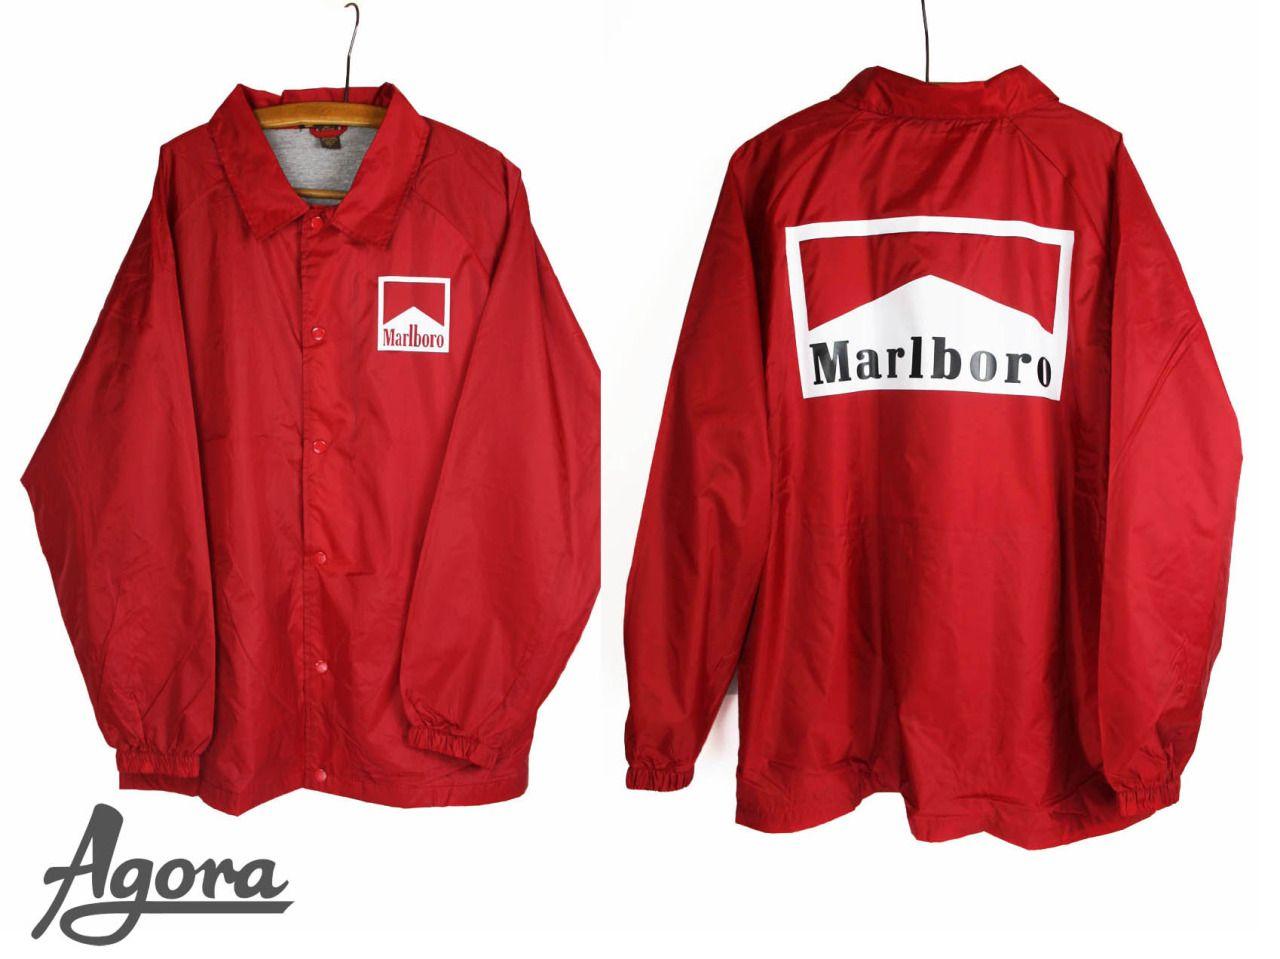 Agoravintage Marlboro Clothing Clothes Marlboro Jacket